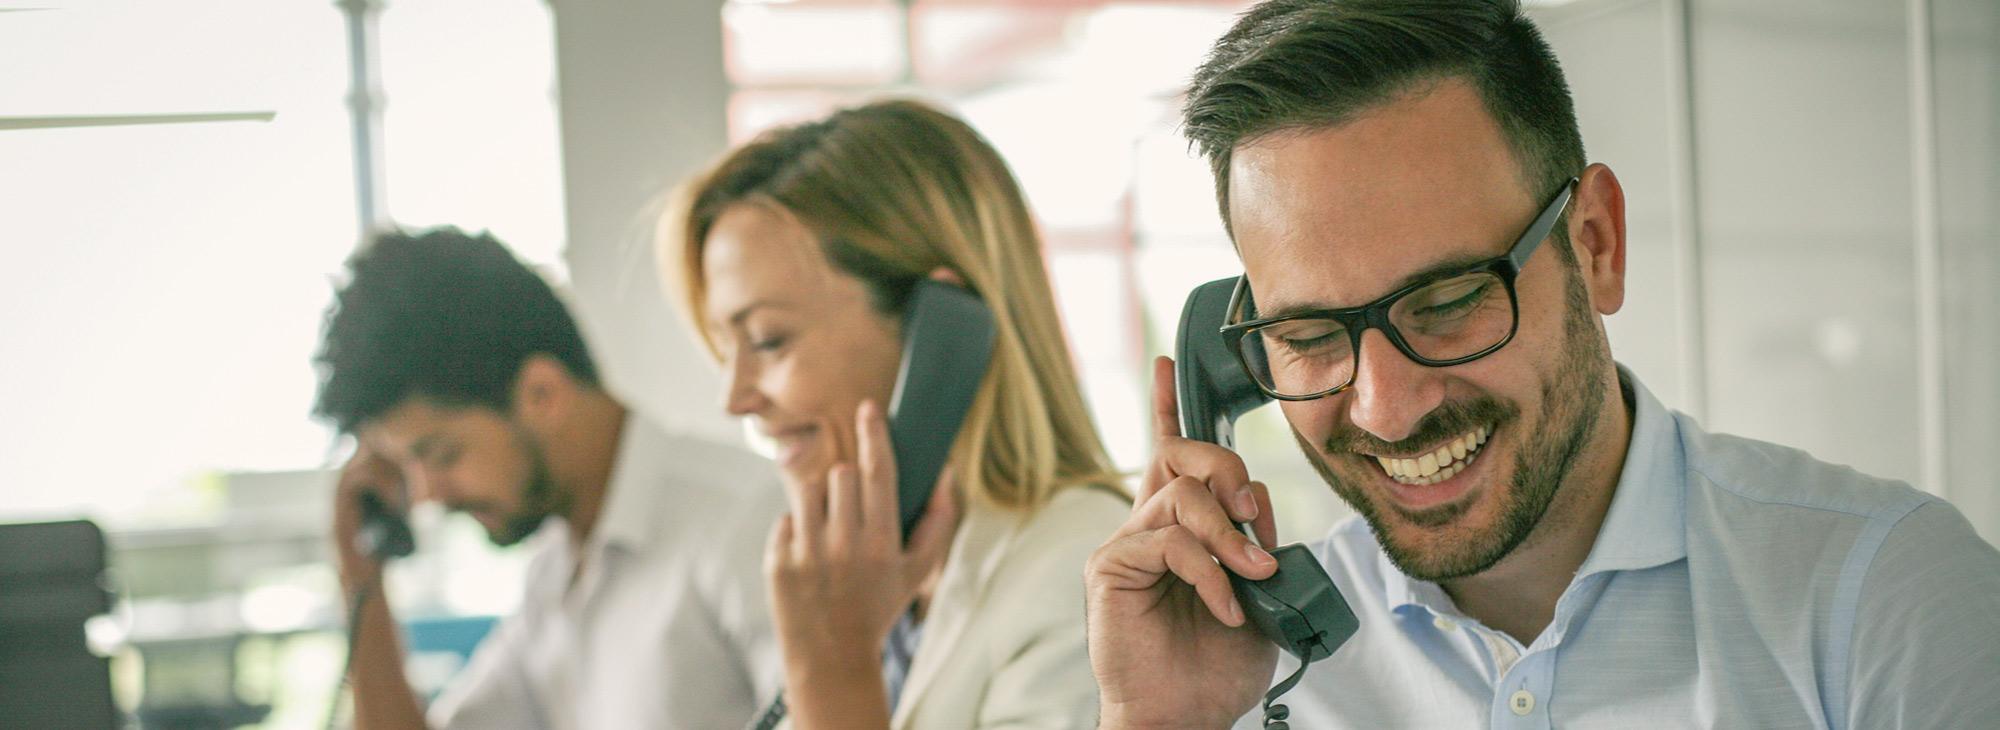 telefonanlagen unify braunschweig hannover